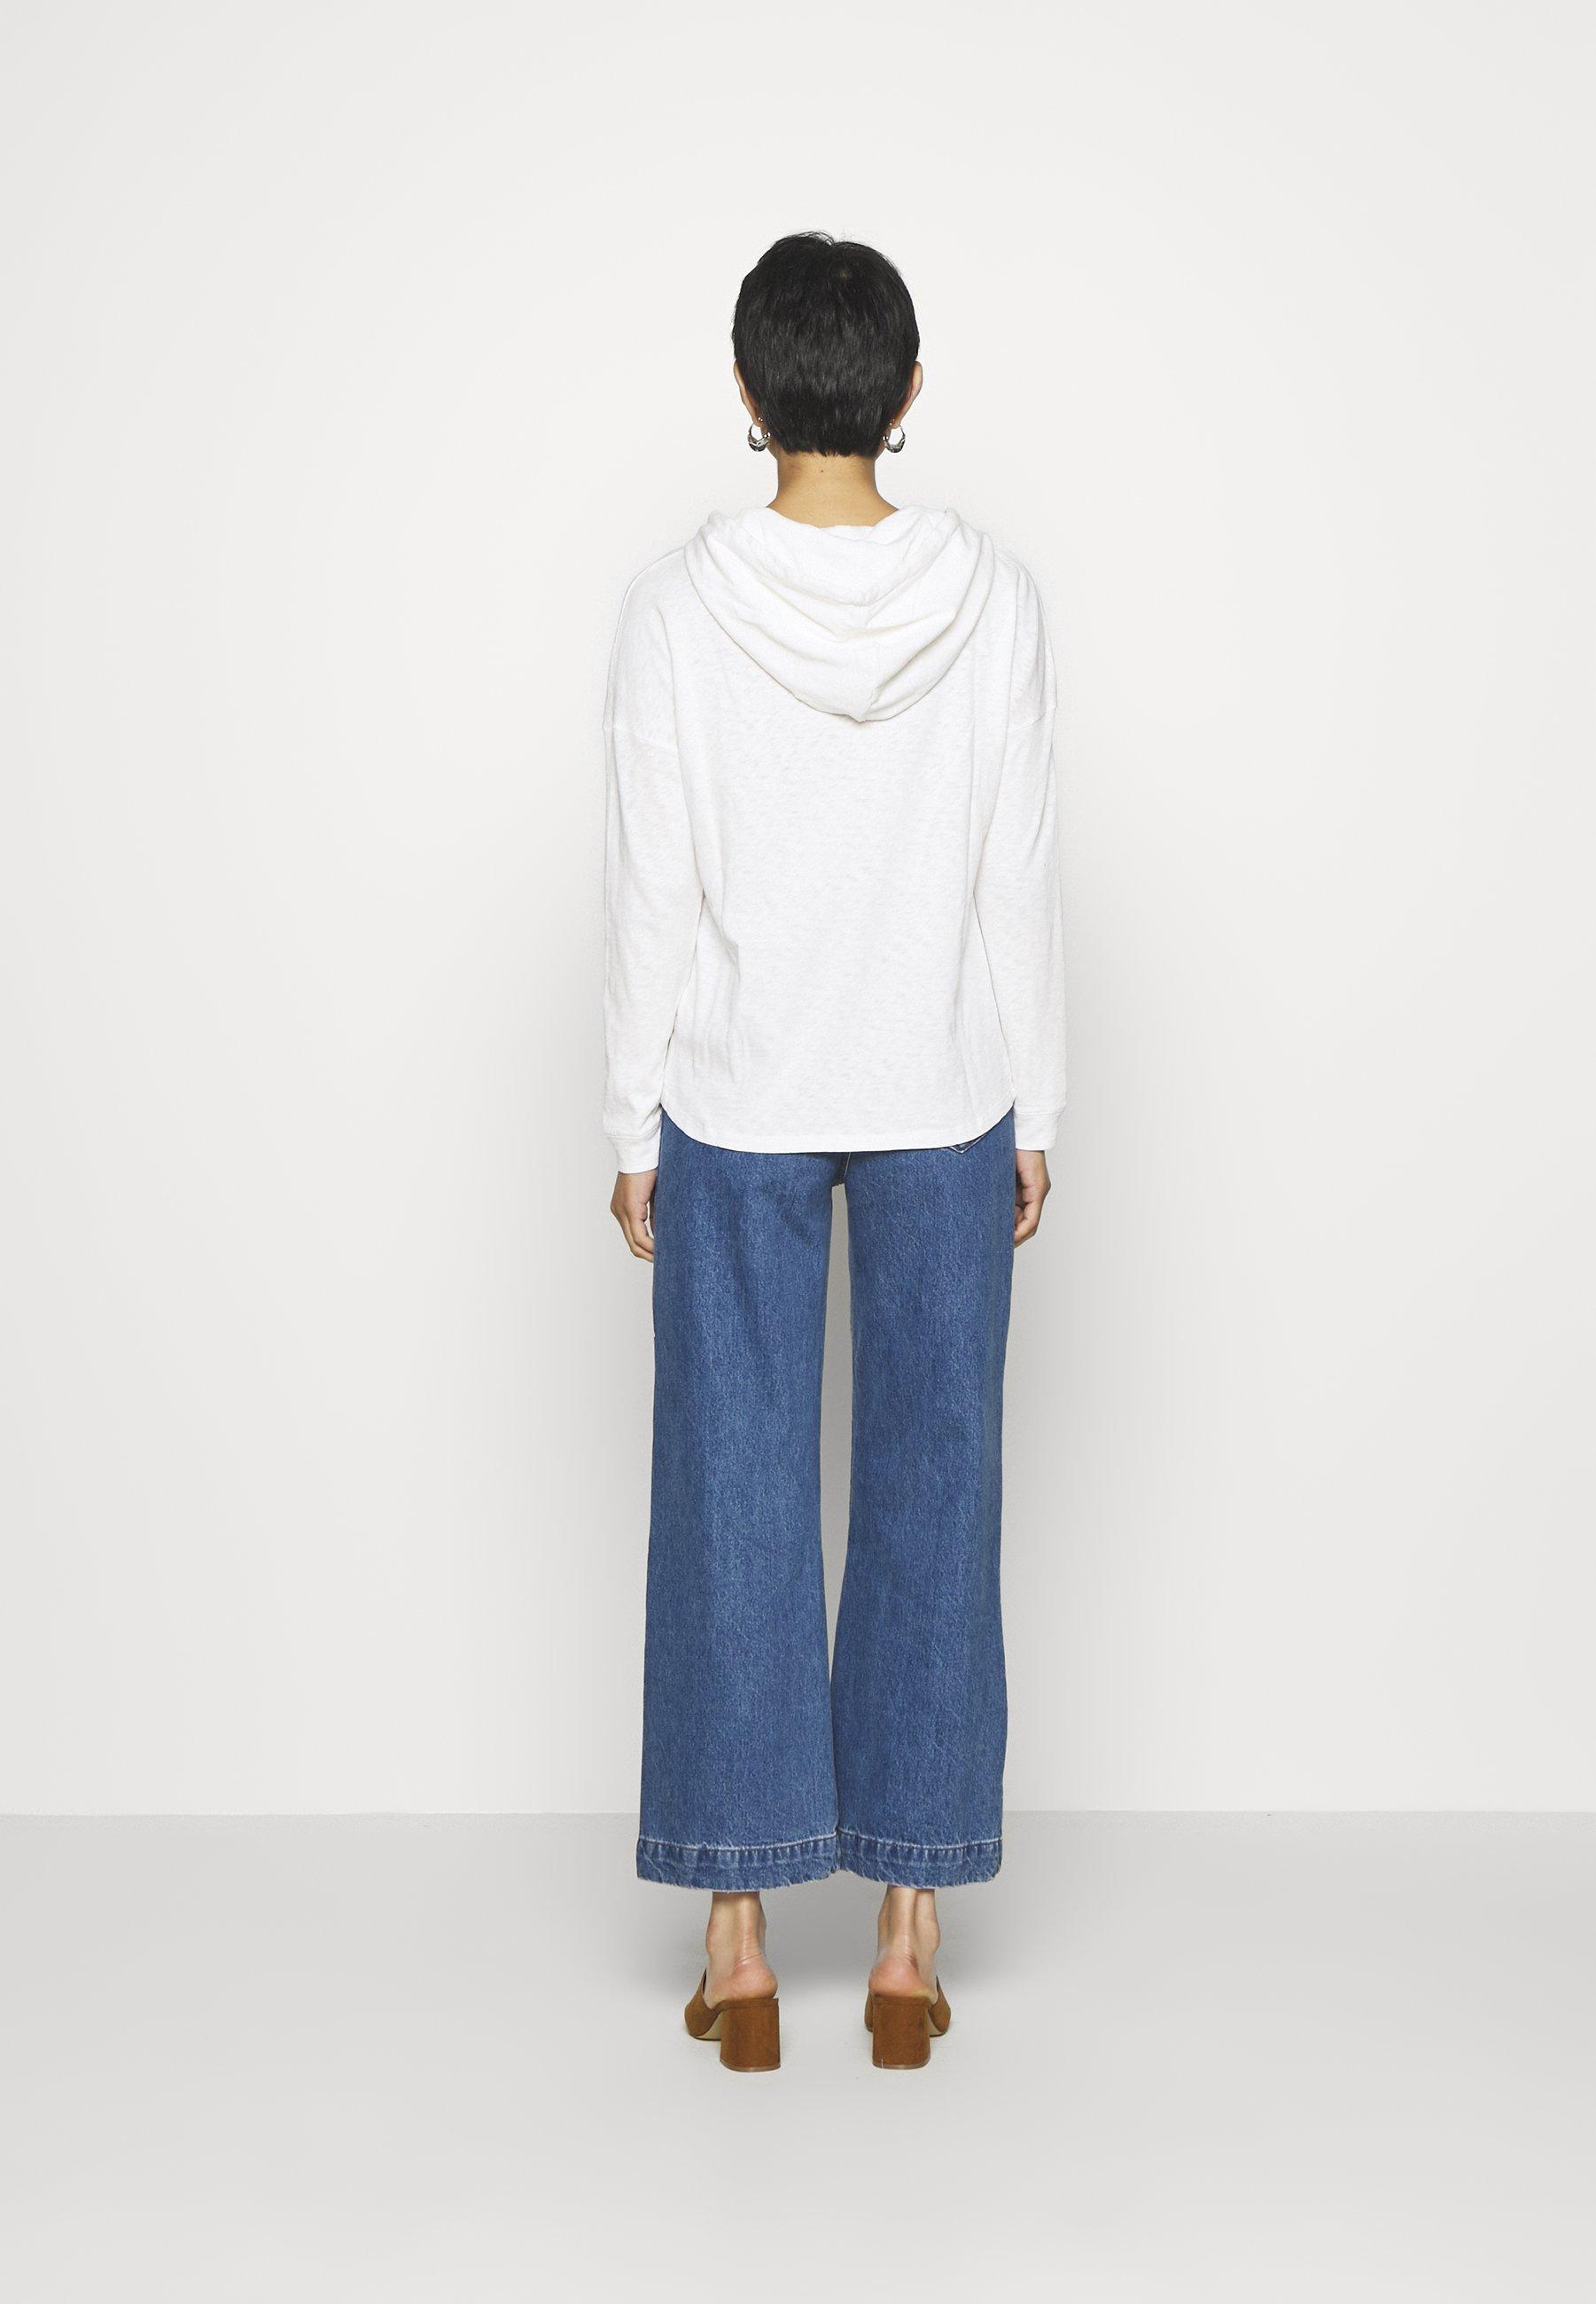 Explore Women's Clothing Marc O'Polo DENIM LONG SLEEVE HOODY BUTTON PLACKET Hoodie scandinavian white zQmZ3Hc98